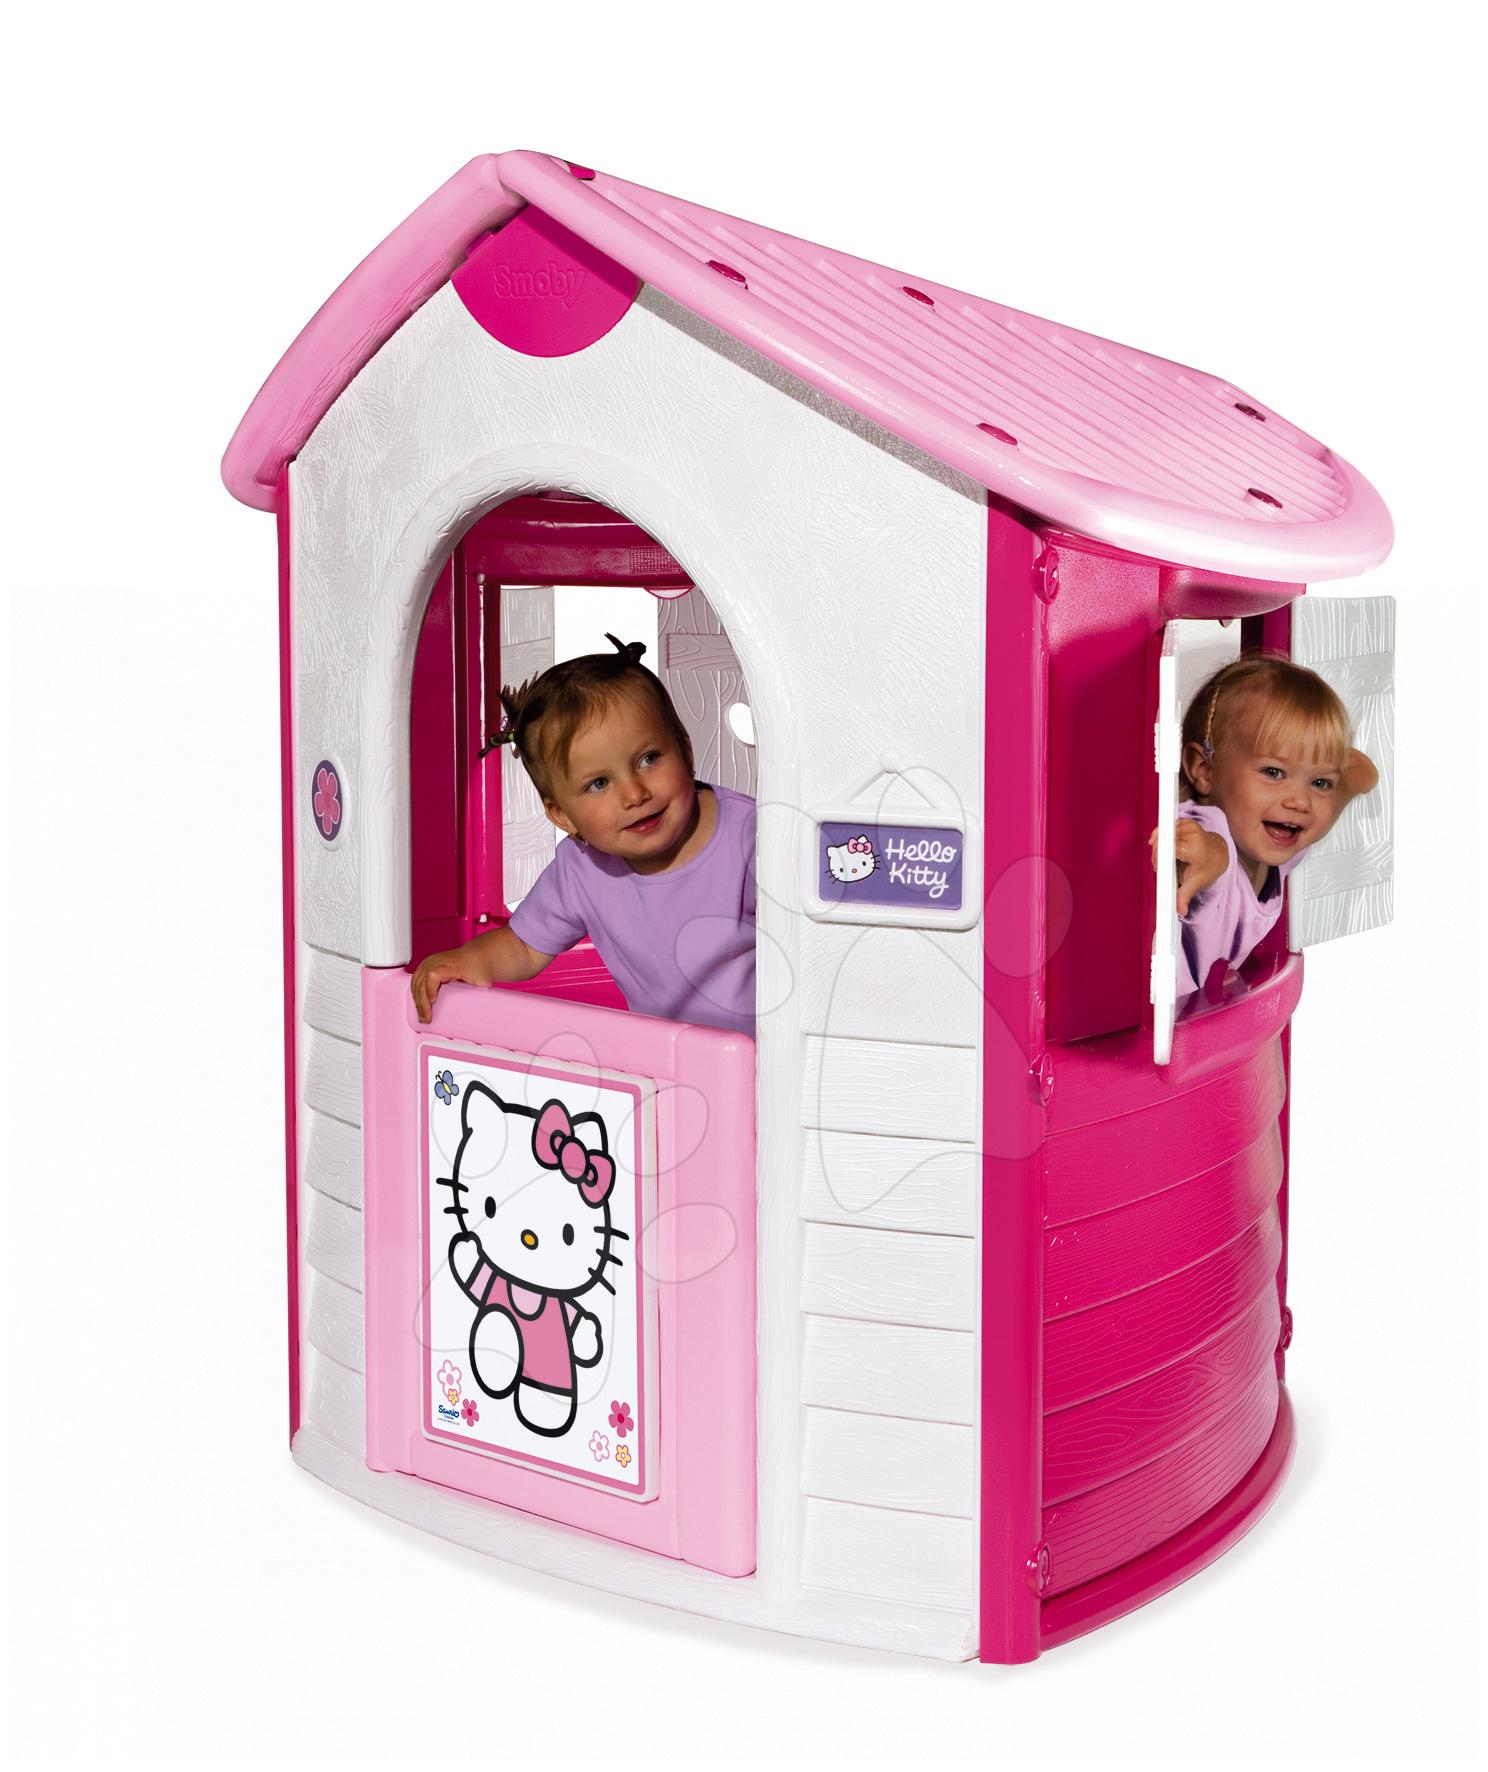 Staré položky - COTTAGE Hello Kitty domeček Smoby s UV FILTREM od 24 měsíců